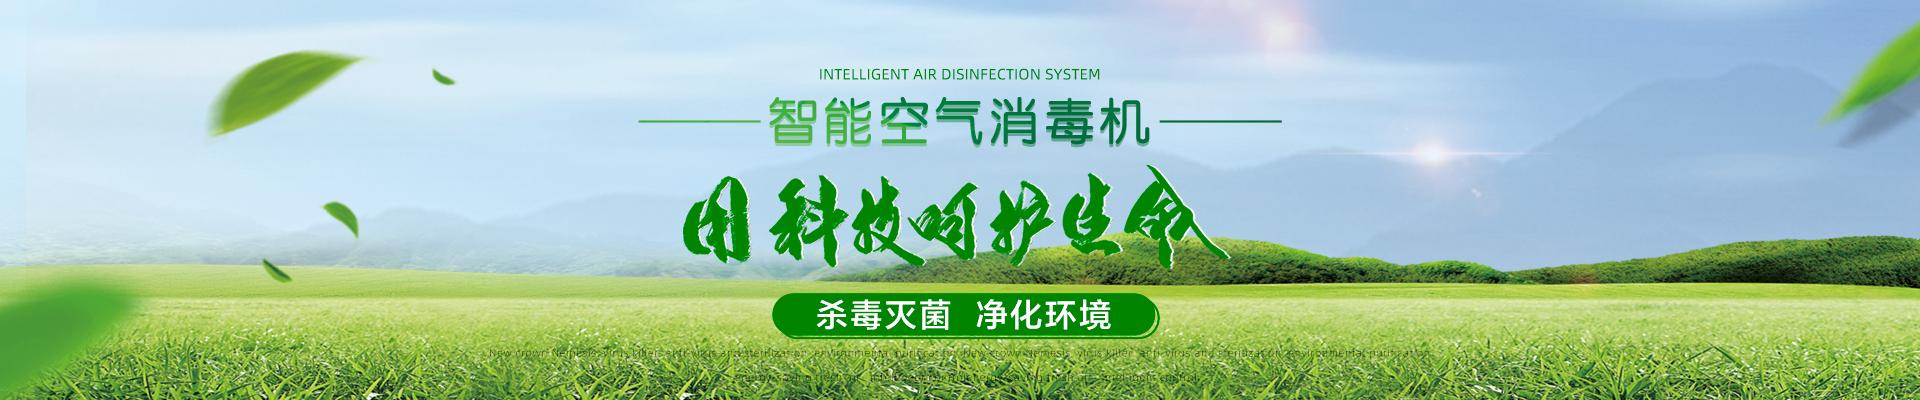 北京时代光华电子技术有限公司公司介绍